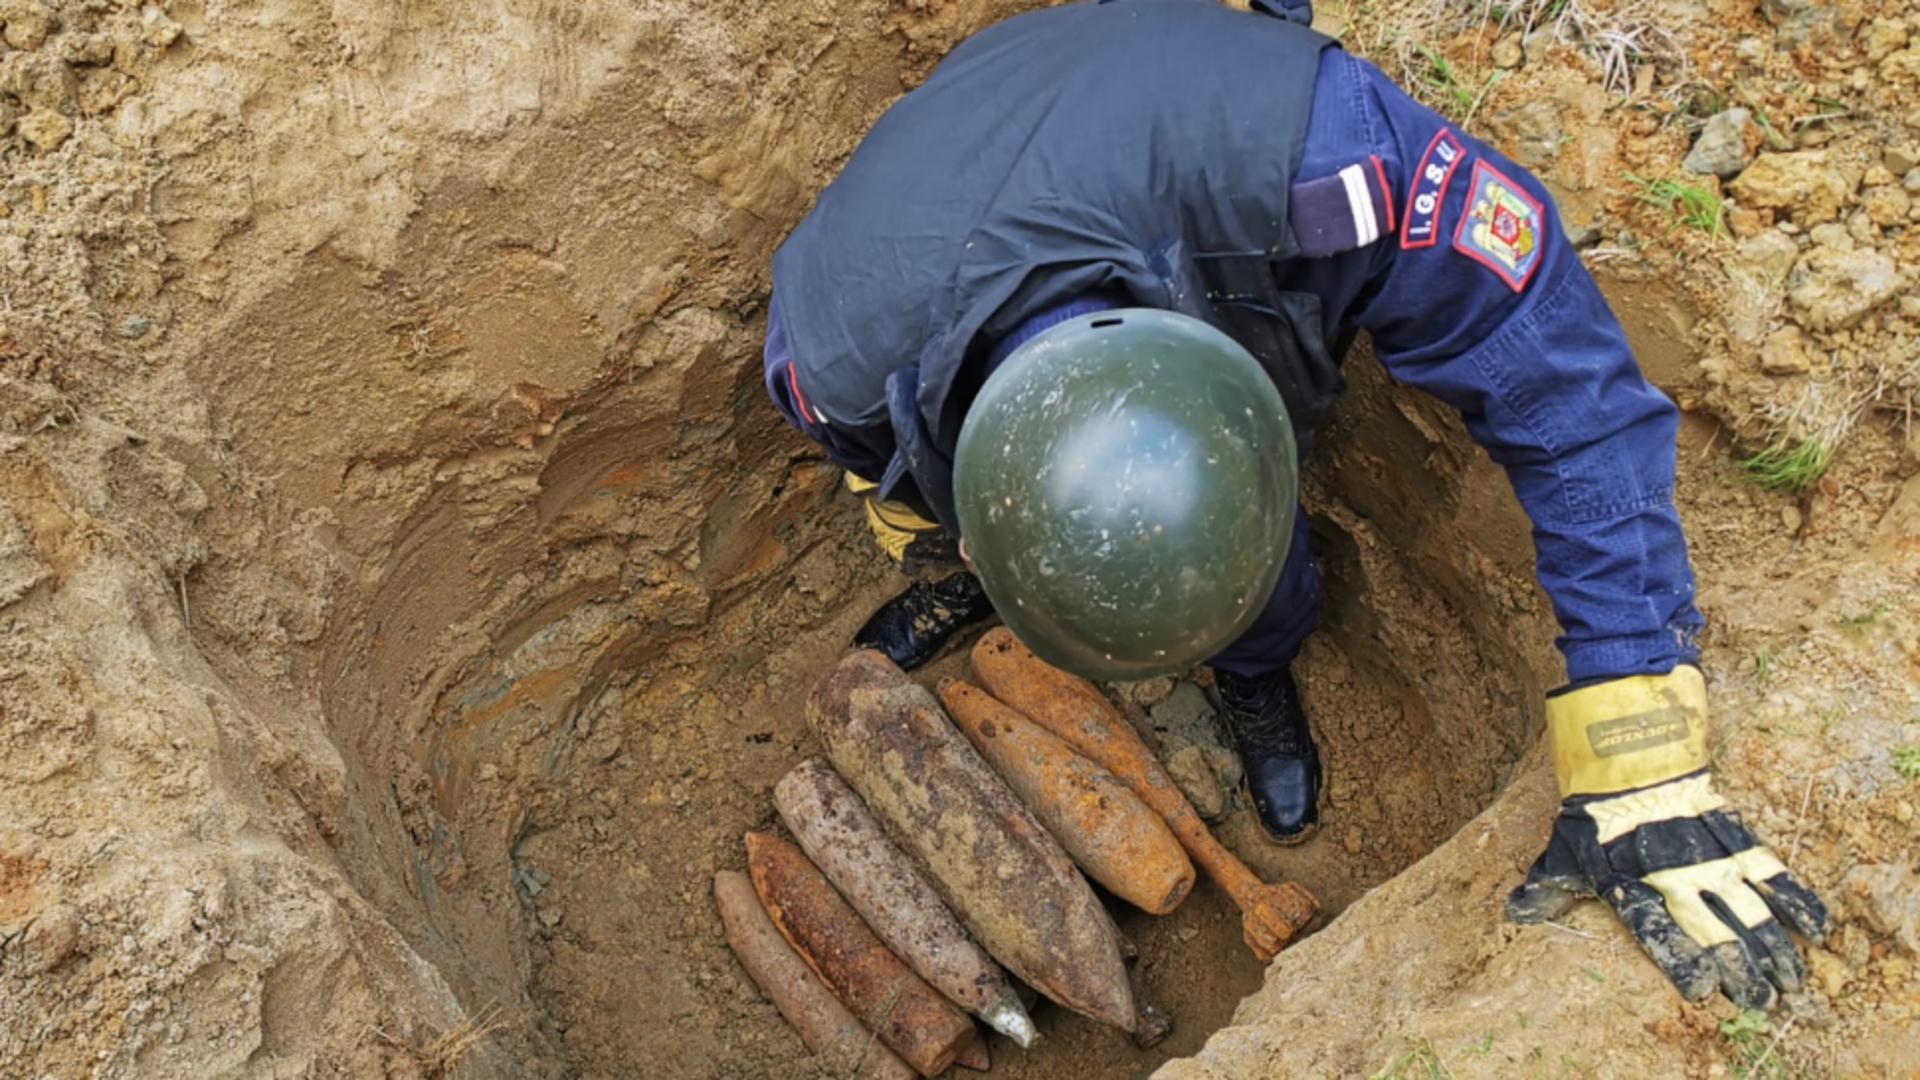 Foto arhivă Inquam. Muniţie de război rămasă neexplodată, descoperită la Pufeşti şi Câmpuri